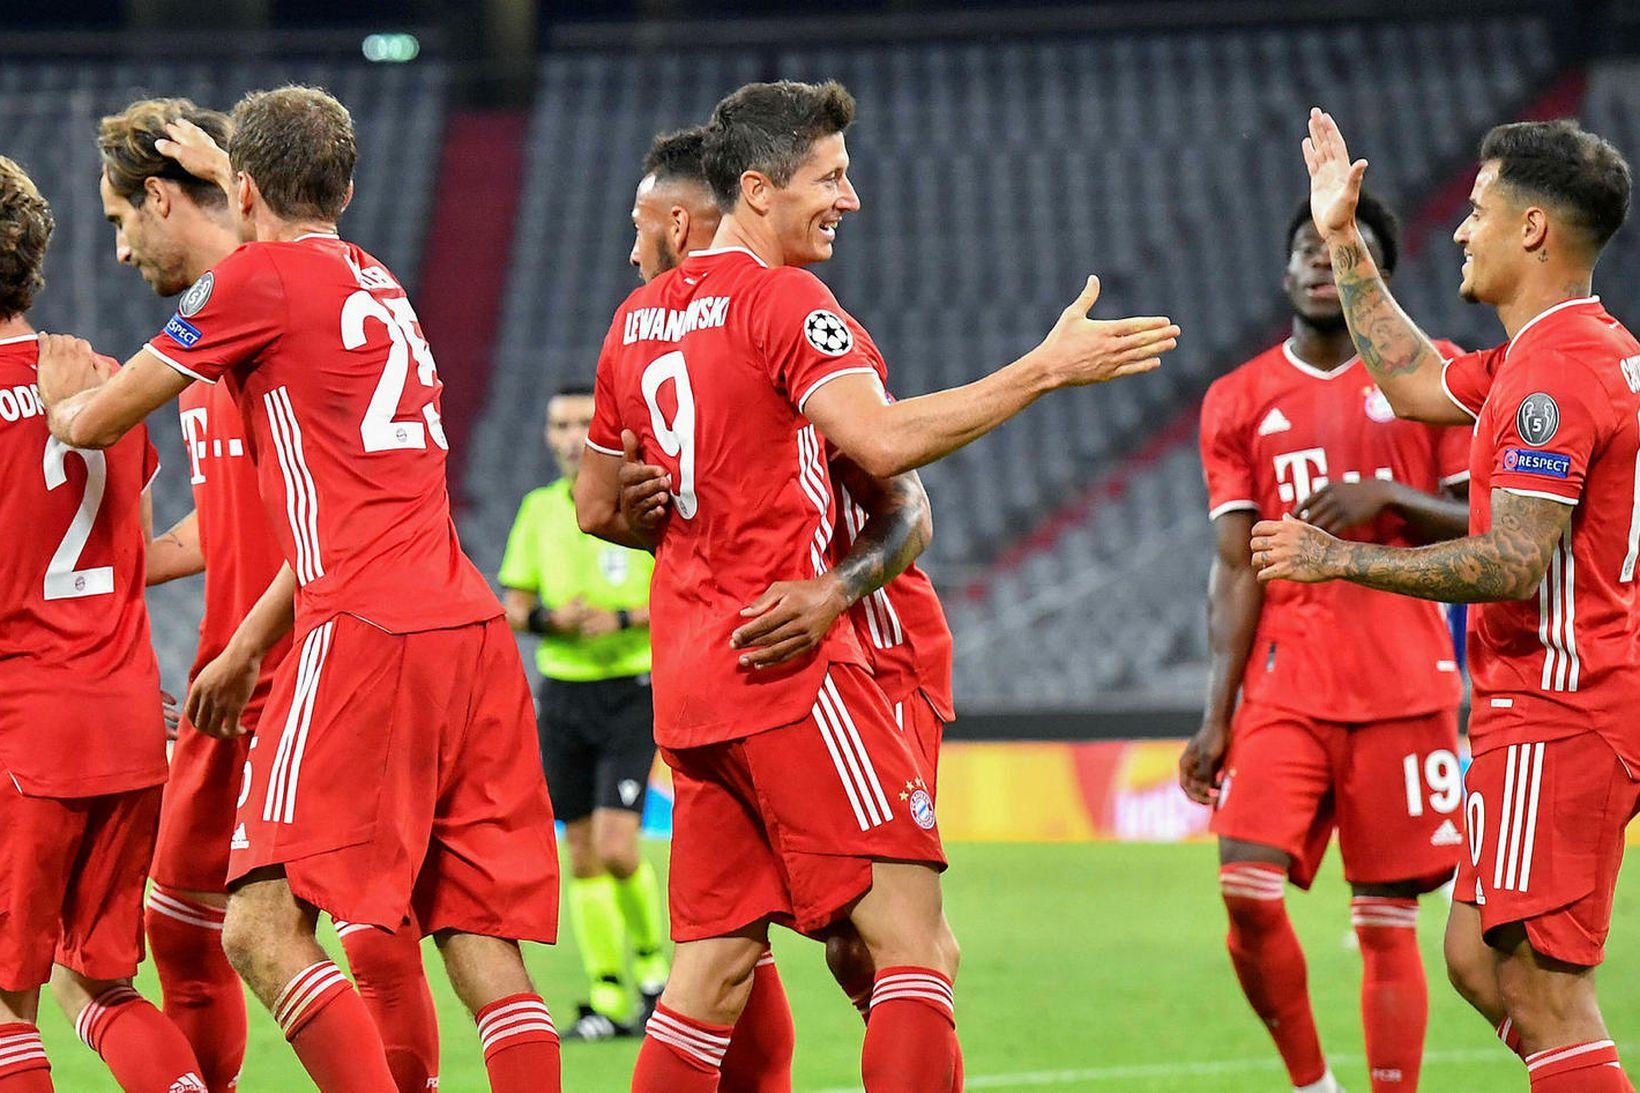 Leikmenn Bayern fagna í kvöld.